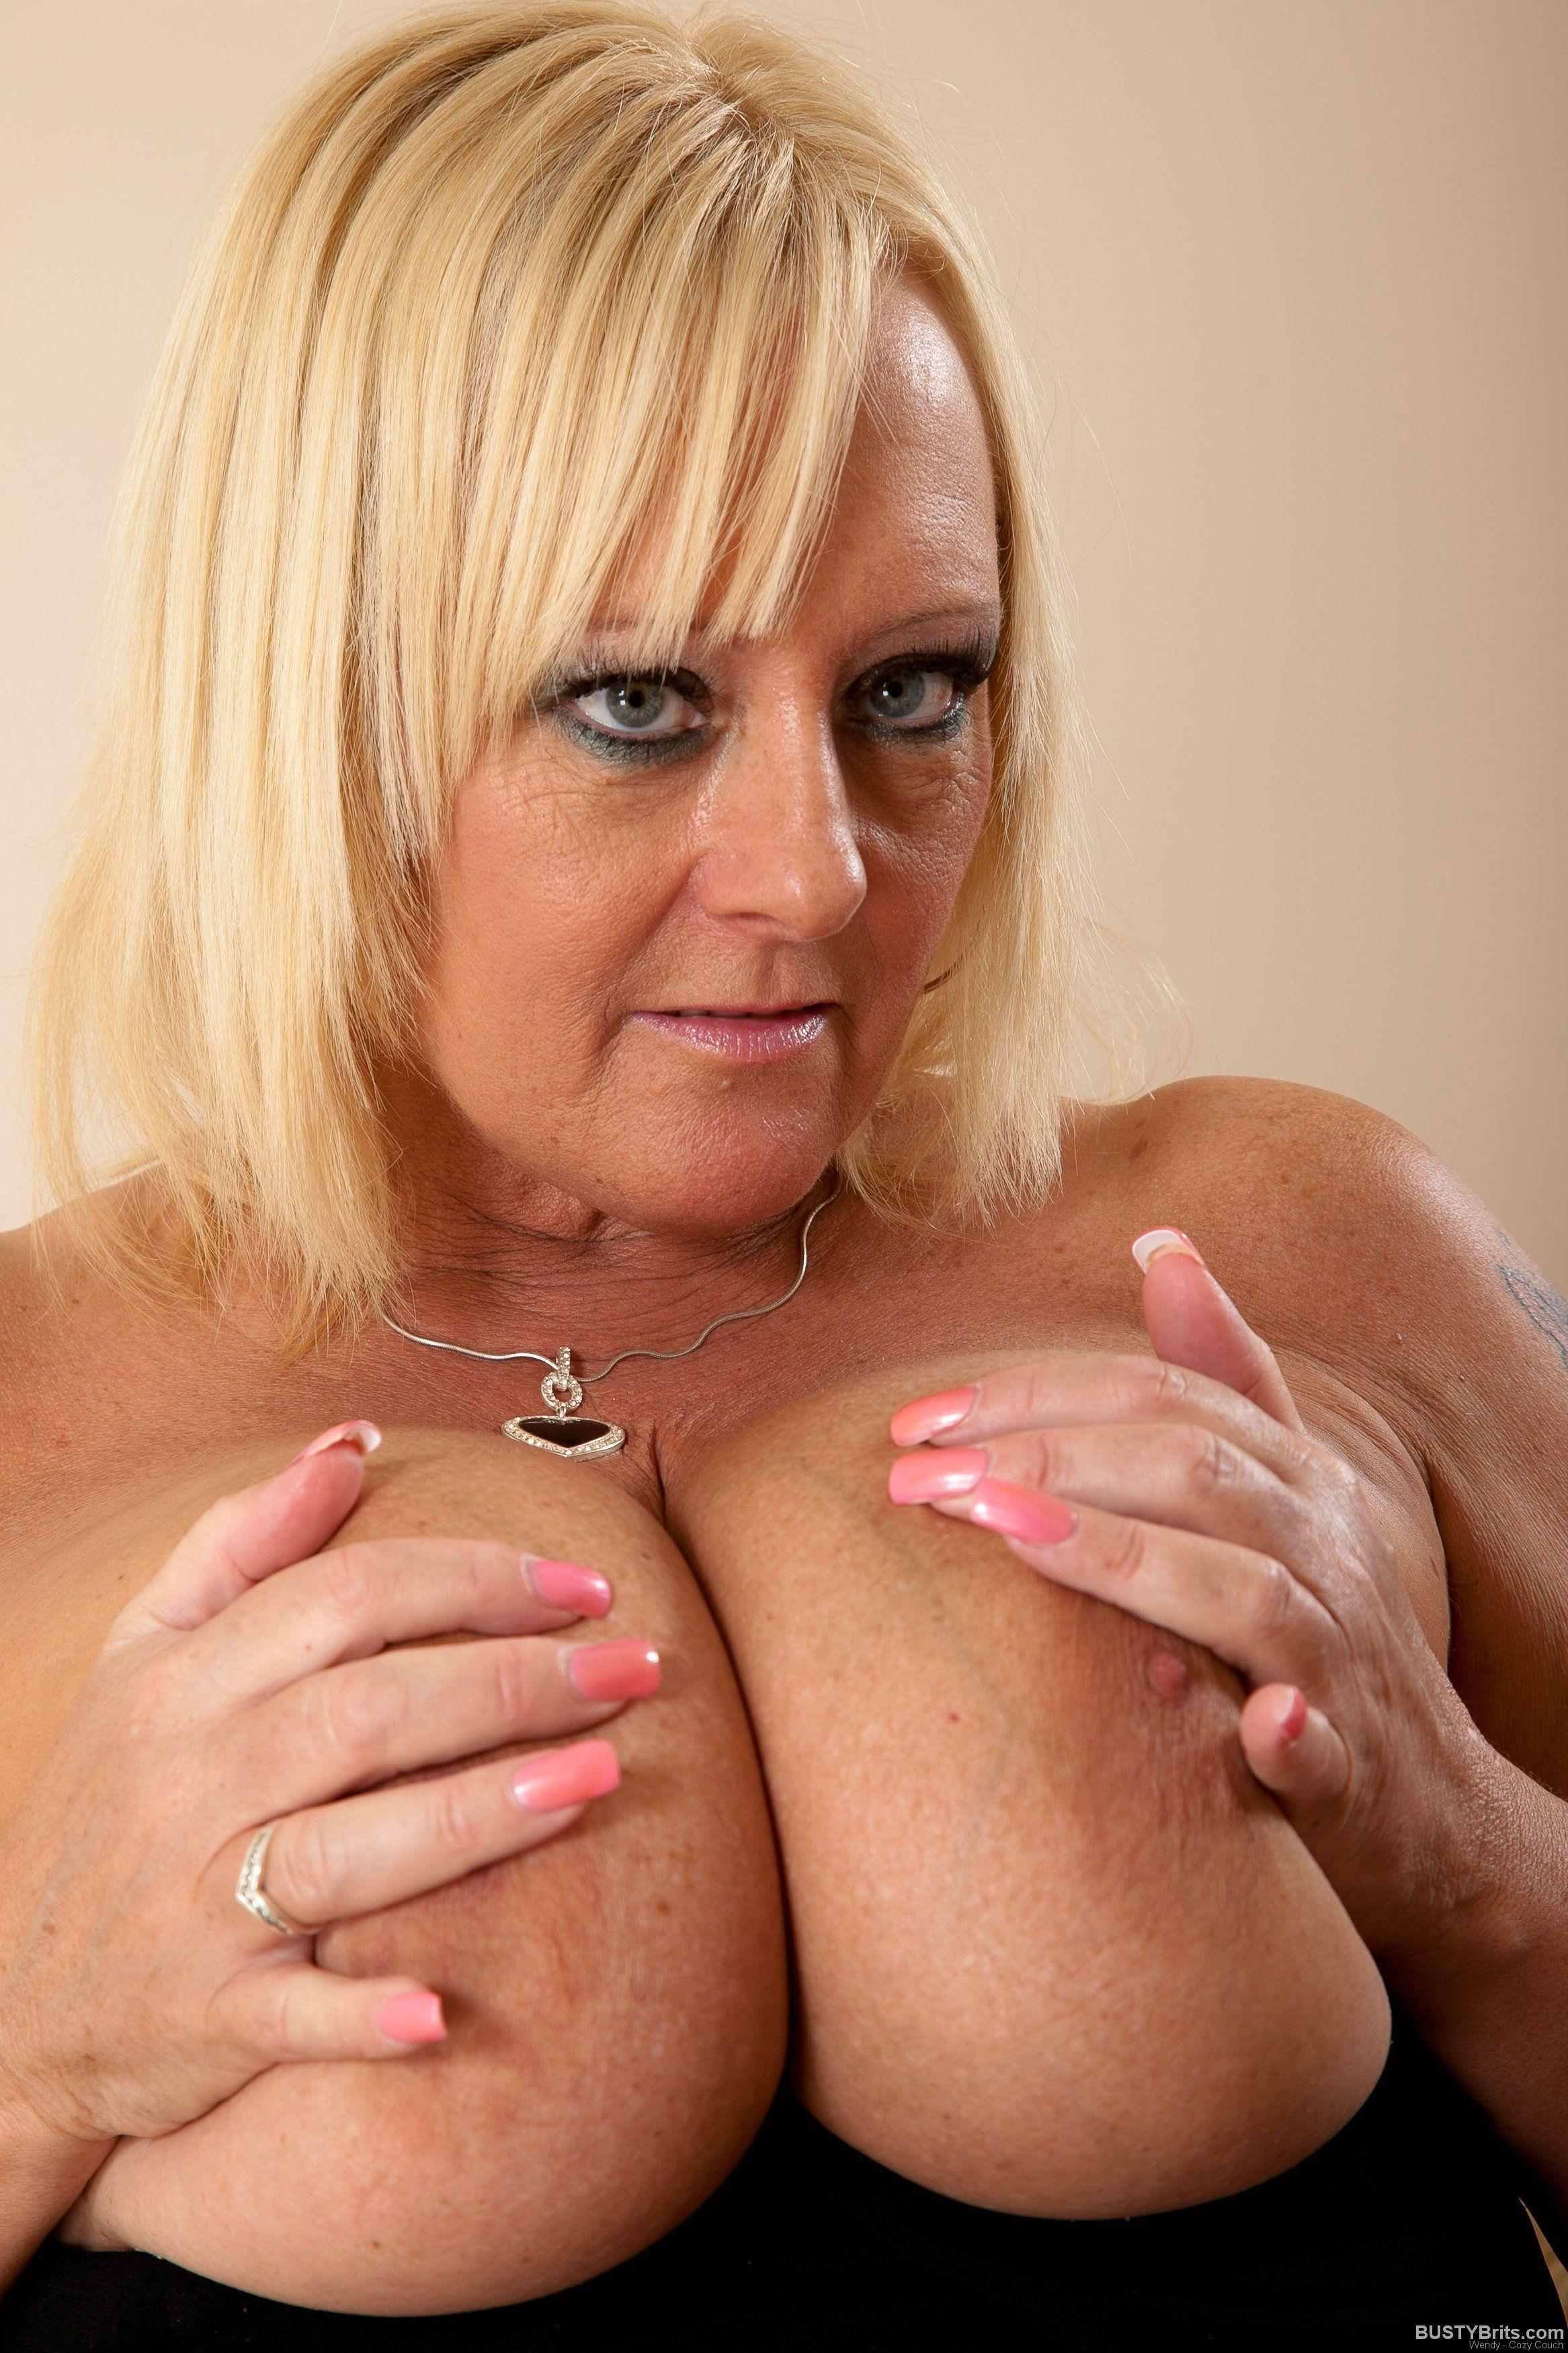 Alexa Mature Breast Porn big old boob tits fat - adult archive. comments: 2